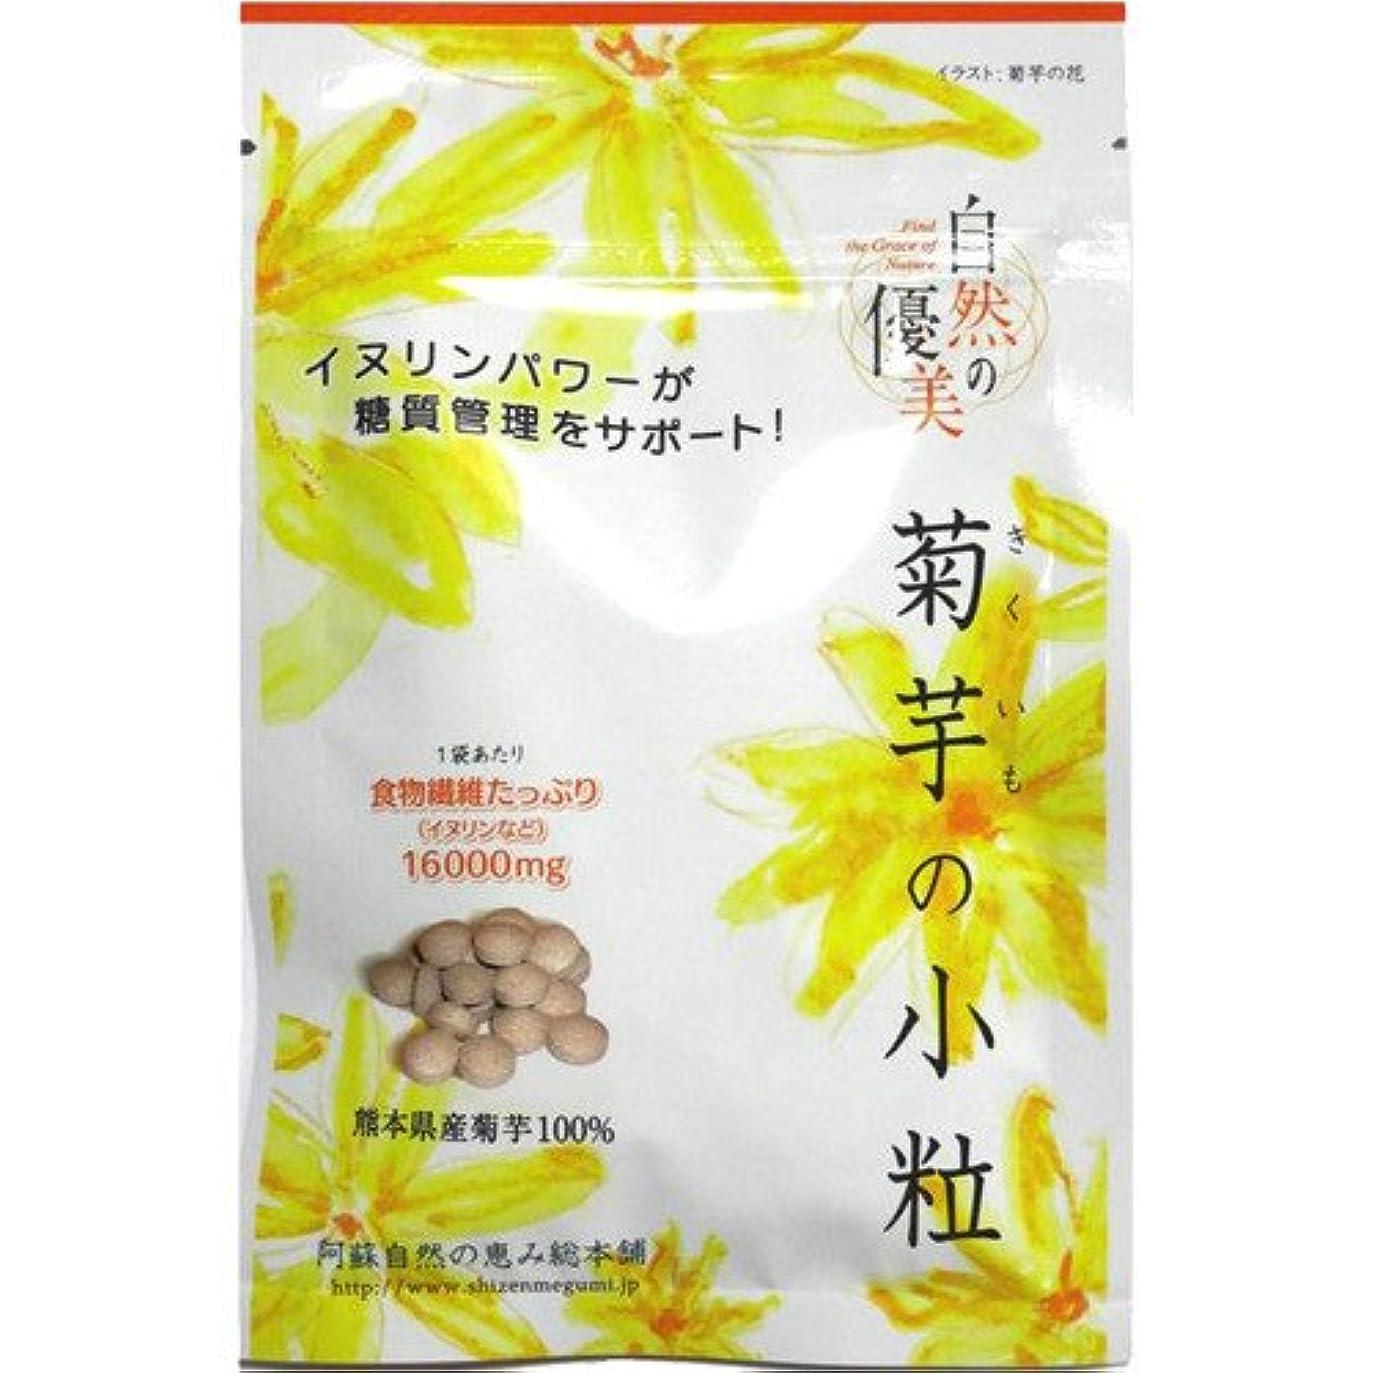 連帯ダイバーおとうさん阿蘇自然の恵み総本舗 菊芋の小粒 100錠